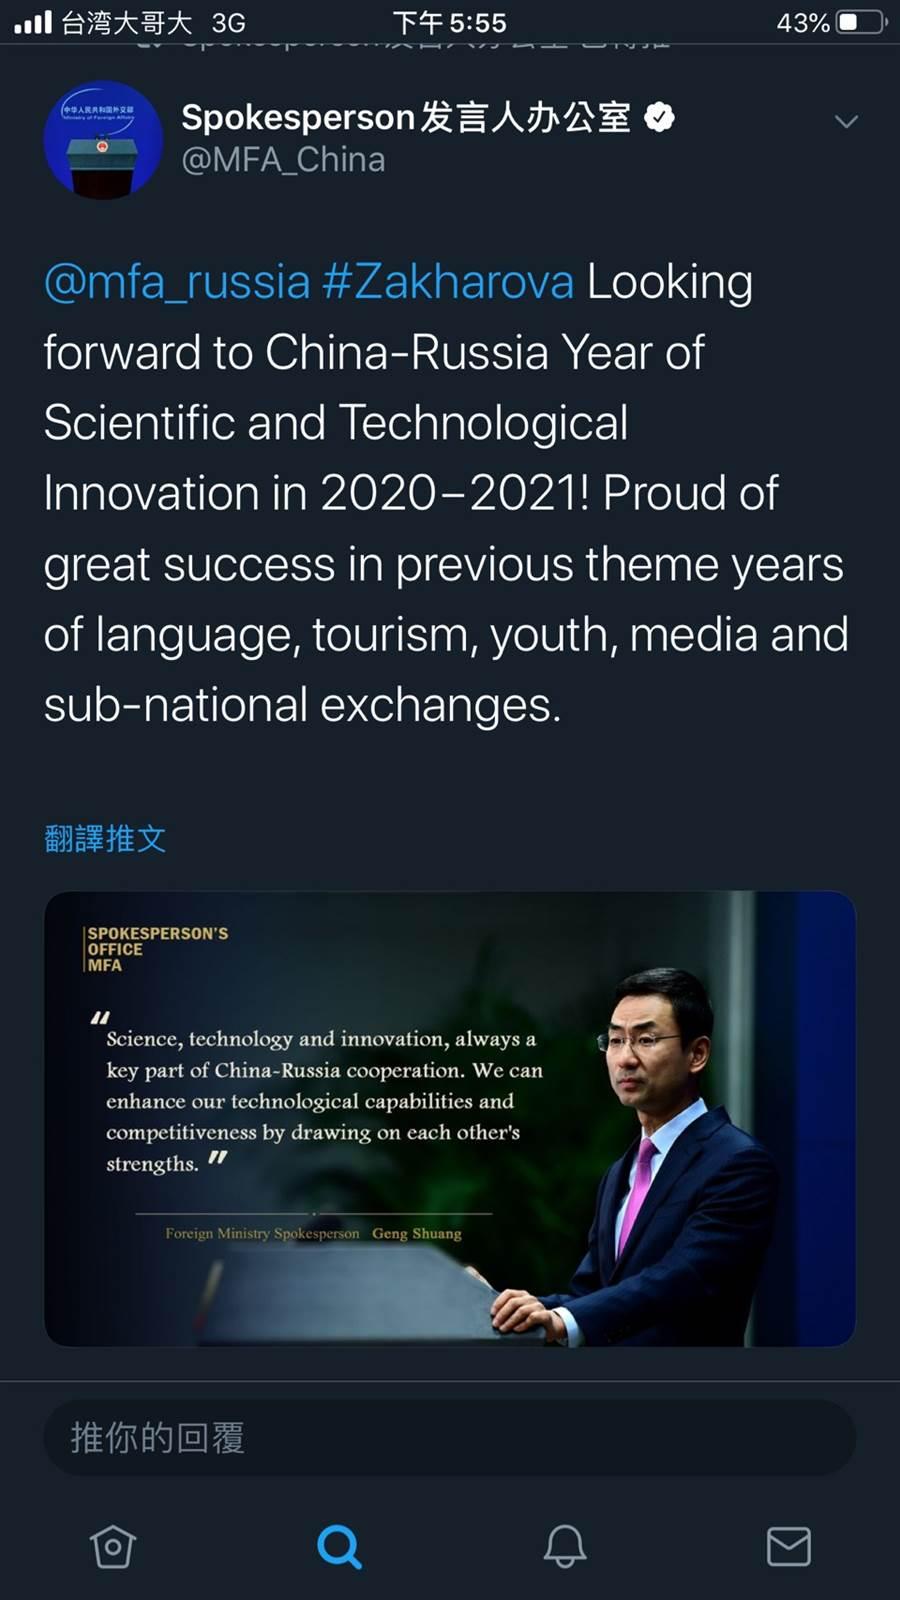 中國外交部推特。(網路截圖)